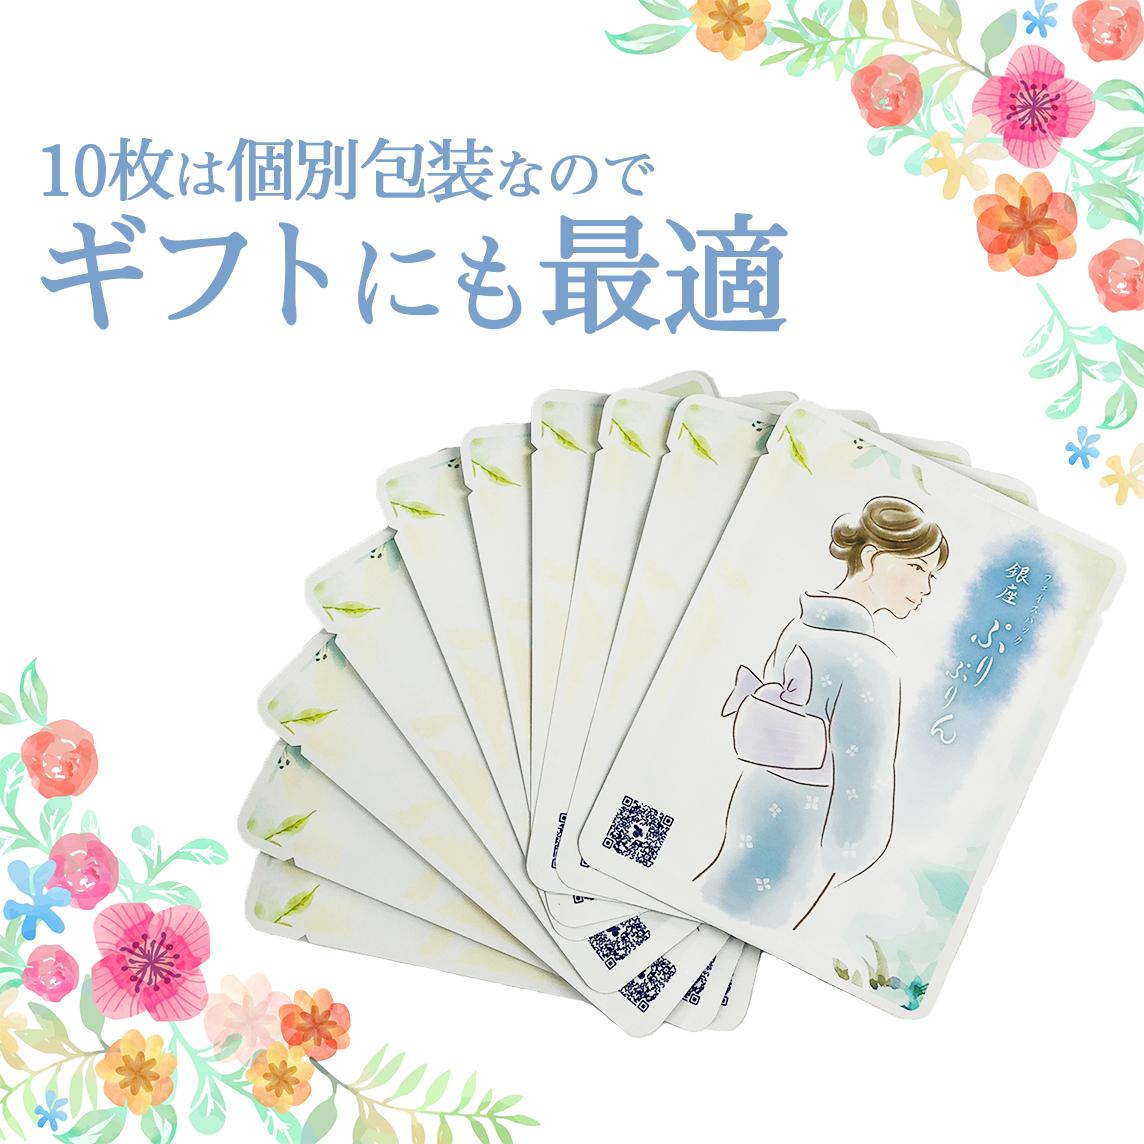 フェイスパック【銀座ぷりぷりん】10枚セット ヒアルロン酸&植物性プラセンタ配合